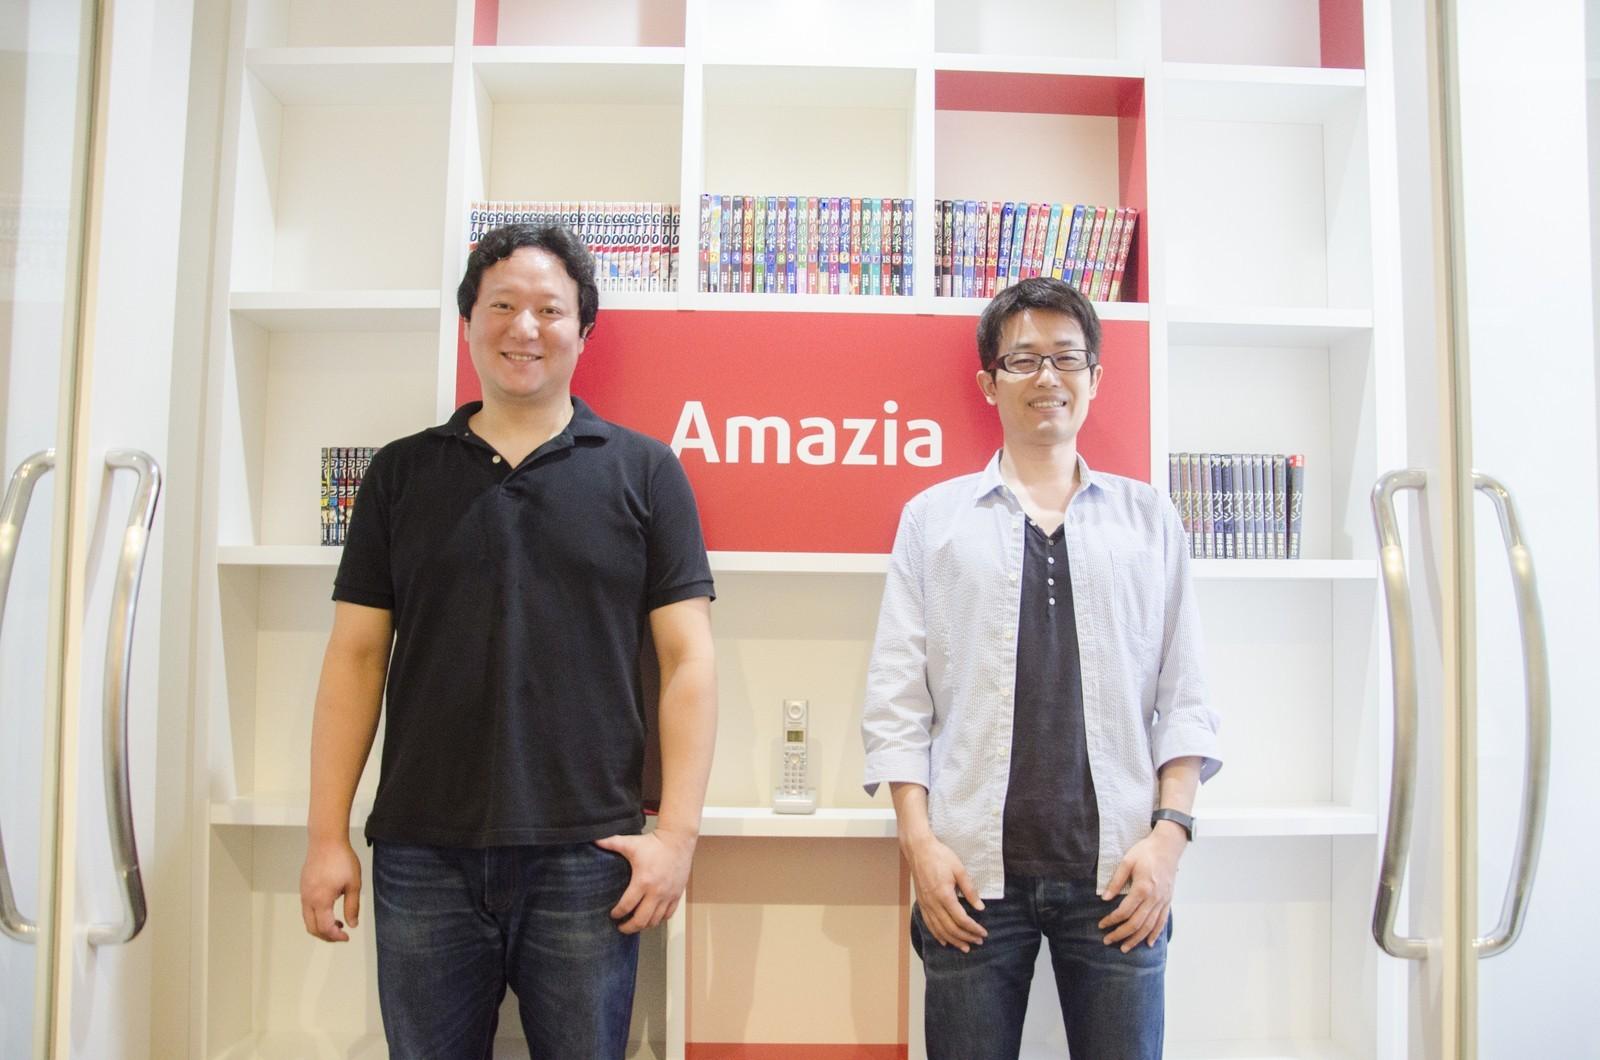 【マザーズ上場】国内最大級のマンガアプリサービスを開発運営するAmaziaが自社Androidアプリ開発で裁量大きく活躍したいエンジニアを募集!